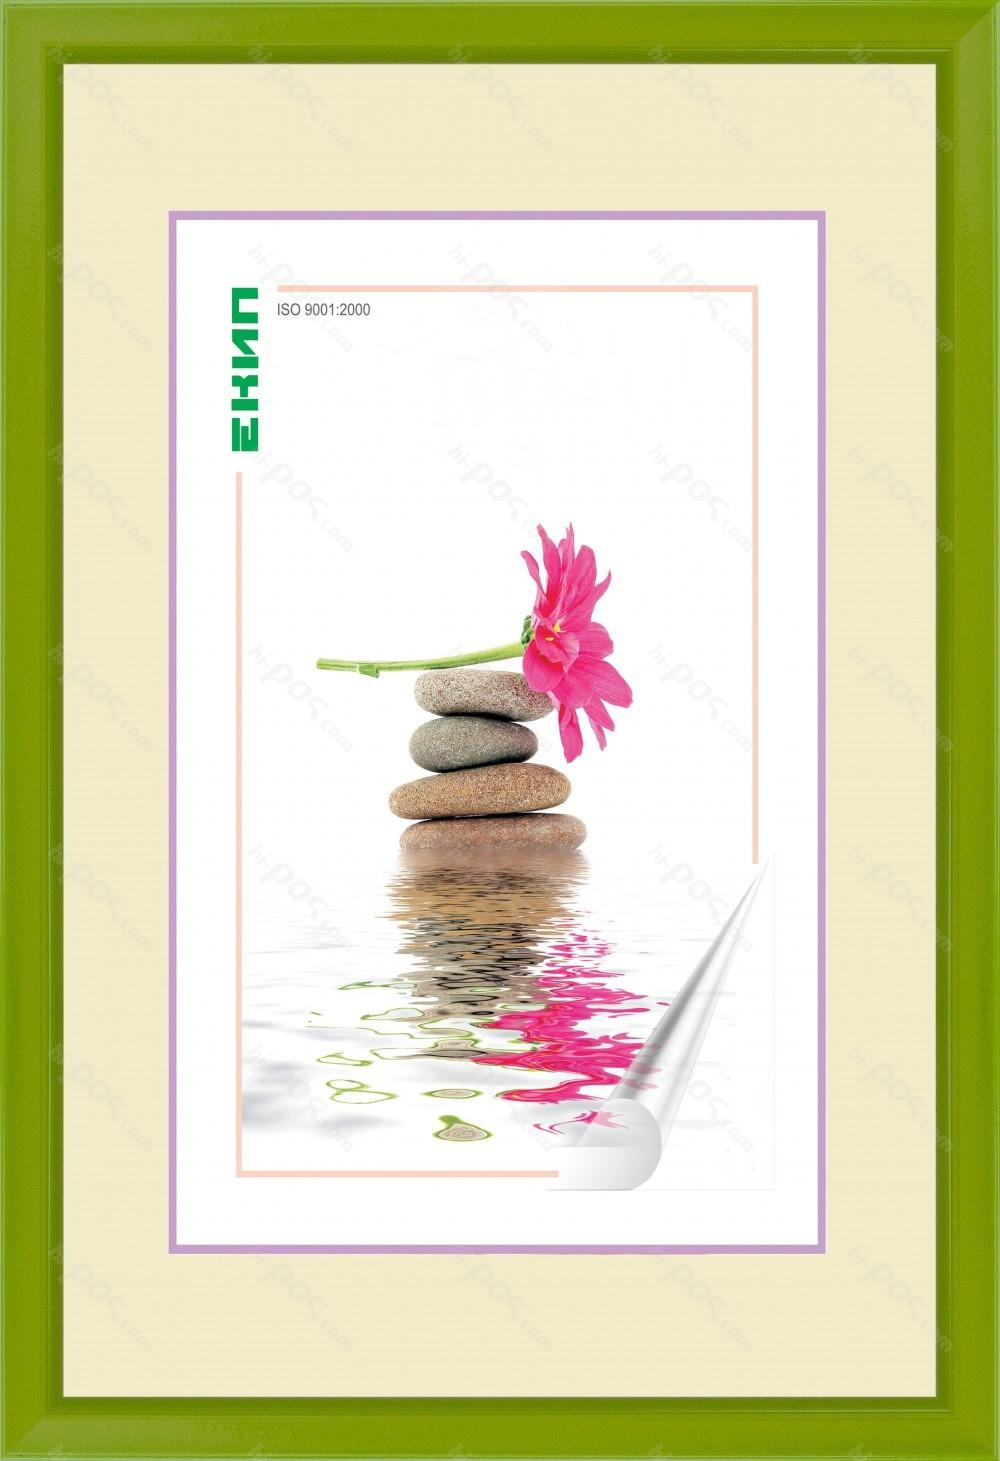 Пластмасова фото рамка с 15 мм профил в светлозелен цвят